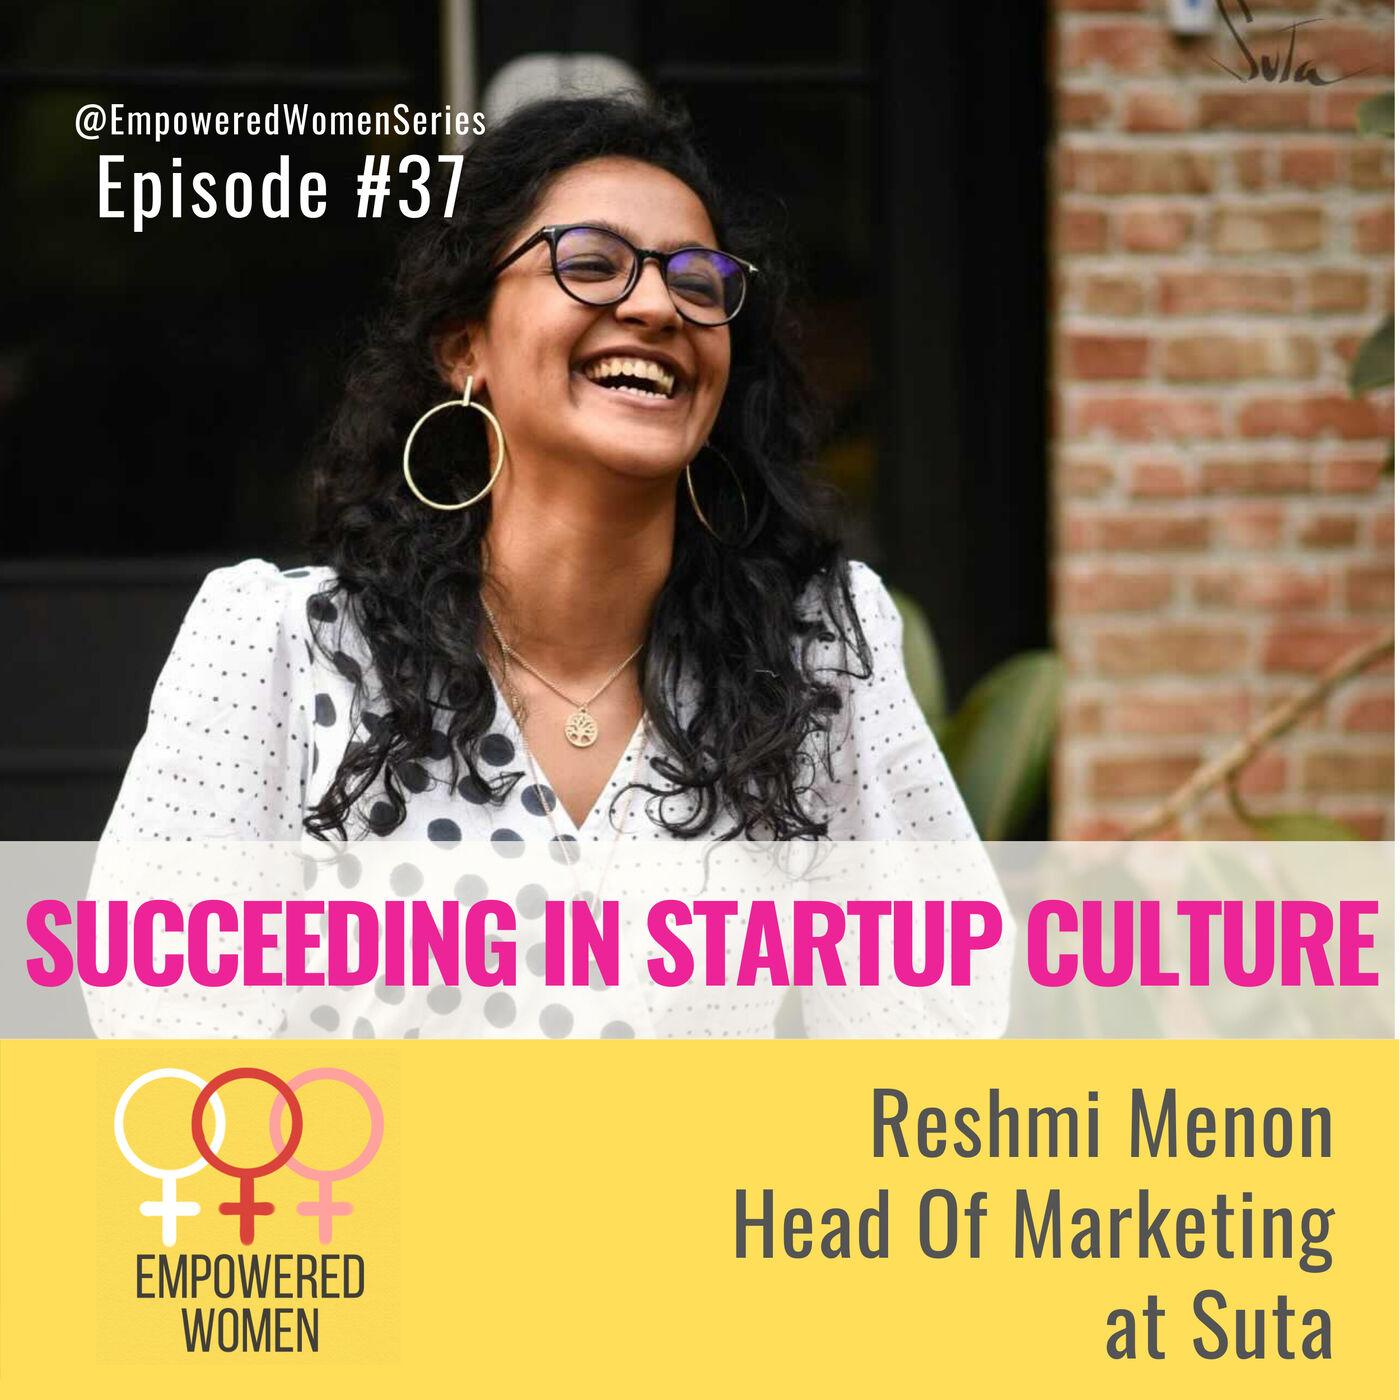 E37 - Succeeding in Startup Culture